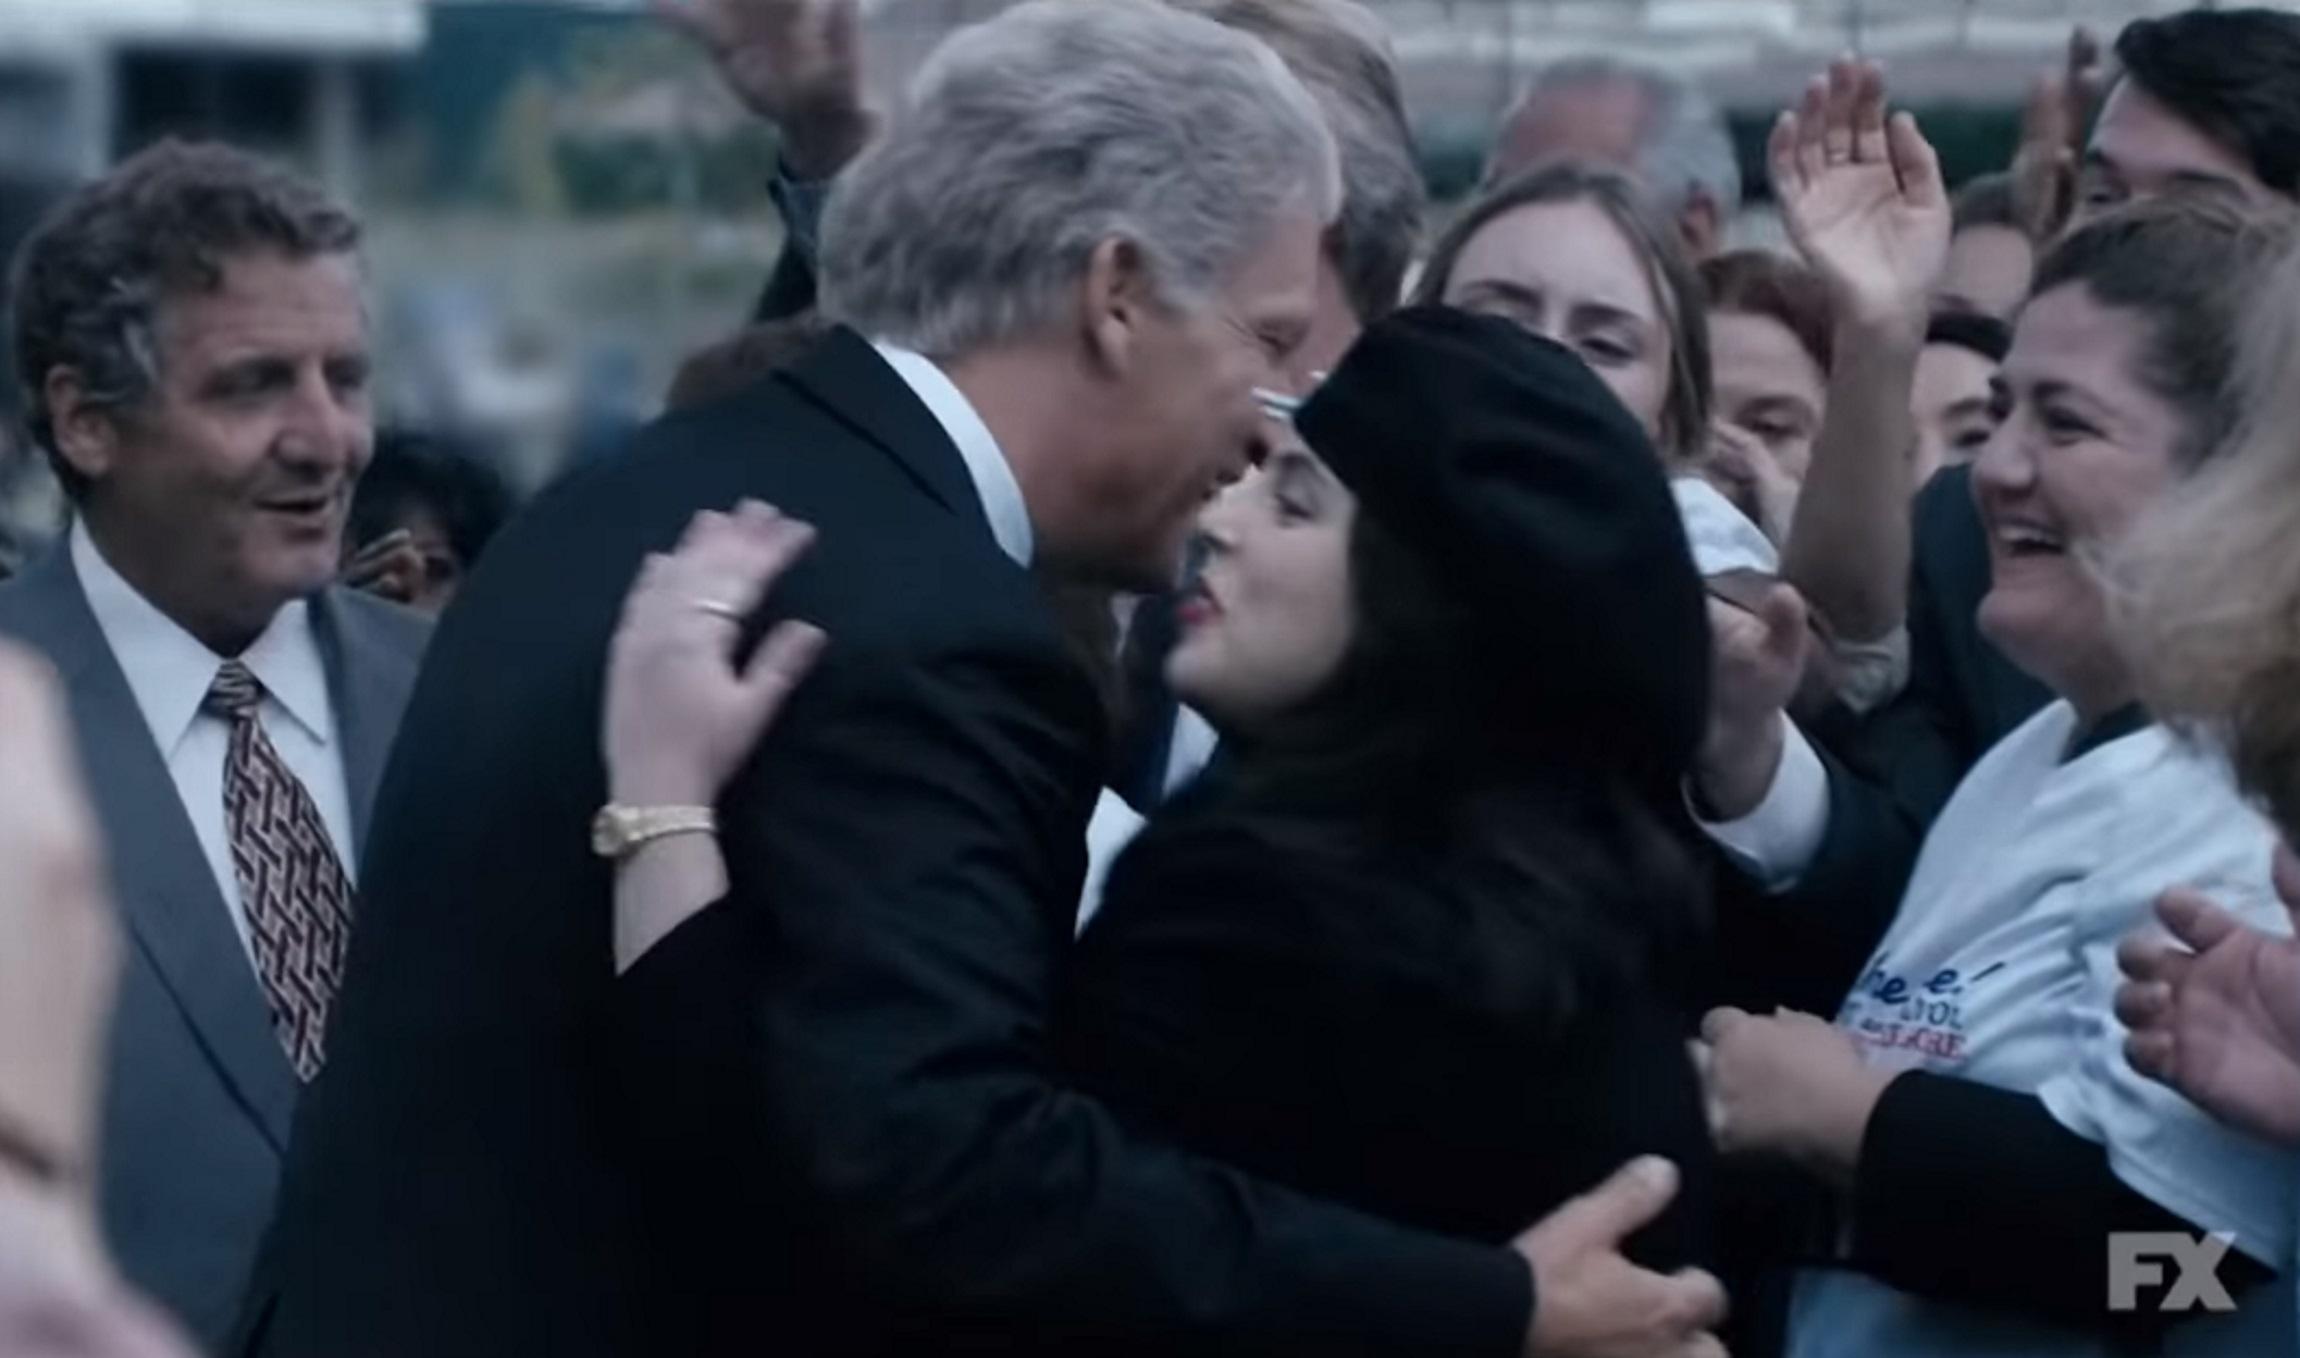 Μπιλ Κλίντον: Το πρώτο τρέιλερ για τη σειρά με το σκάνδαλο Μόνικα Λεβίνσκι